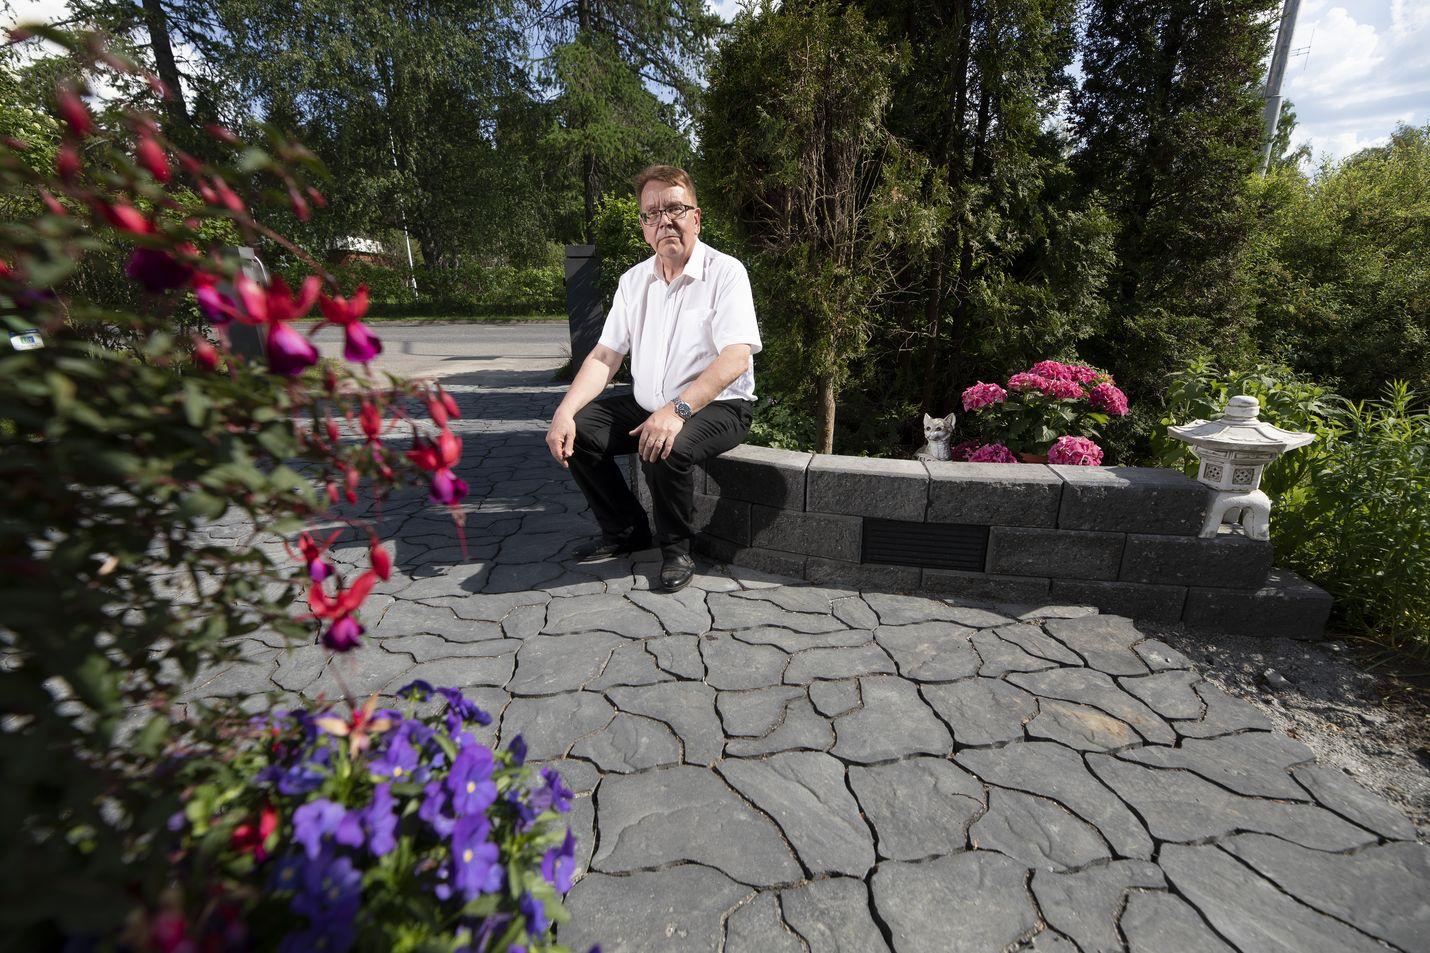 Raimo Helanderin pihalla on kokoa yli tuhat neliötä ja valtaosa on nurmikolla. Kivetystä laitettiin vain etupihalle. Siitä tuli tyylikäs käyntikortti kodille.